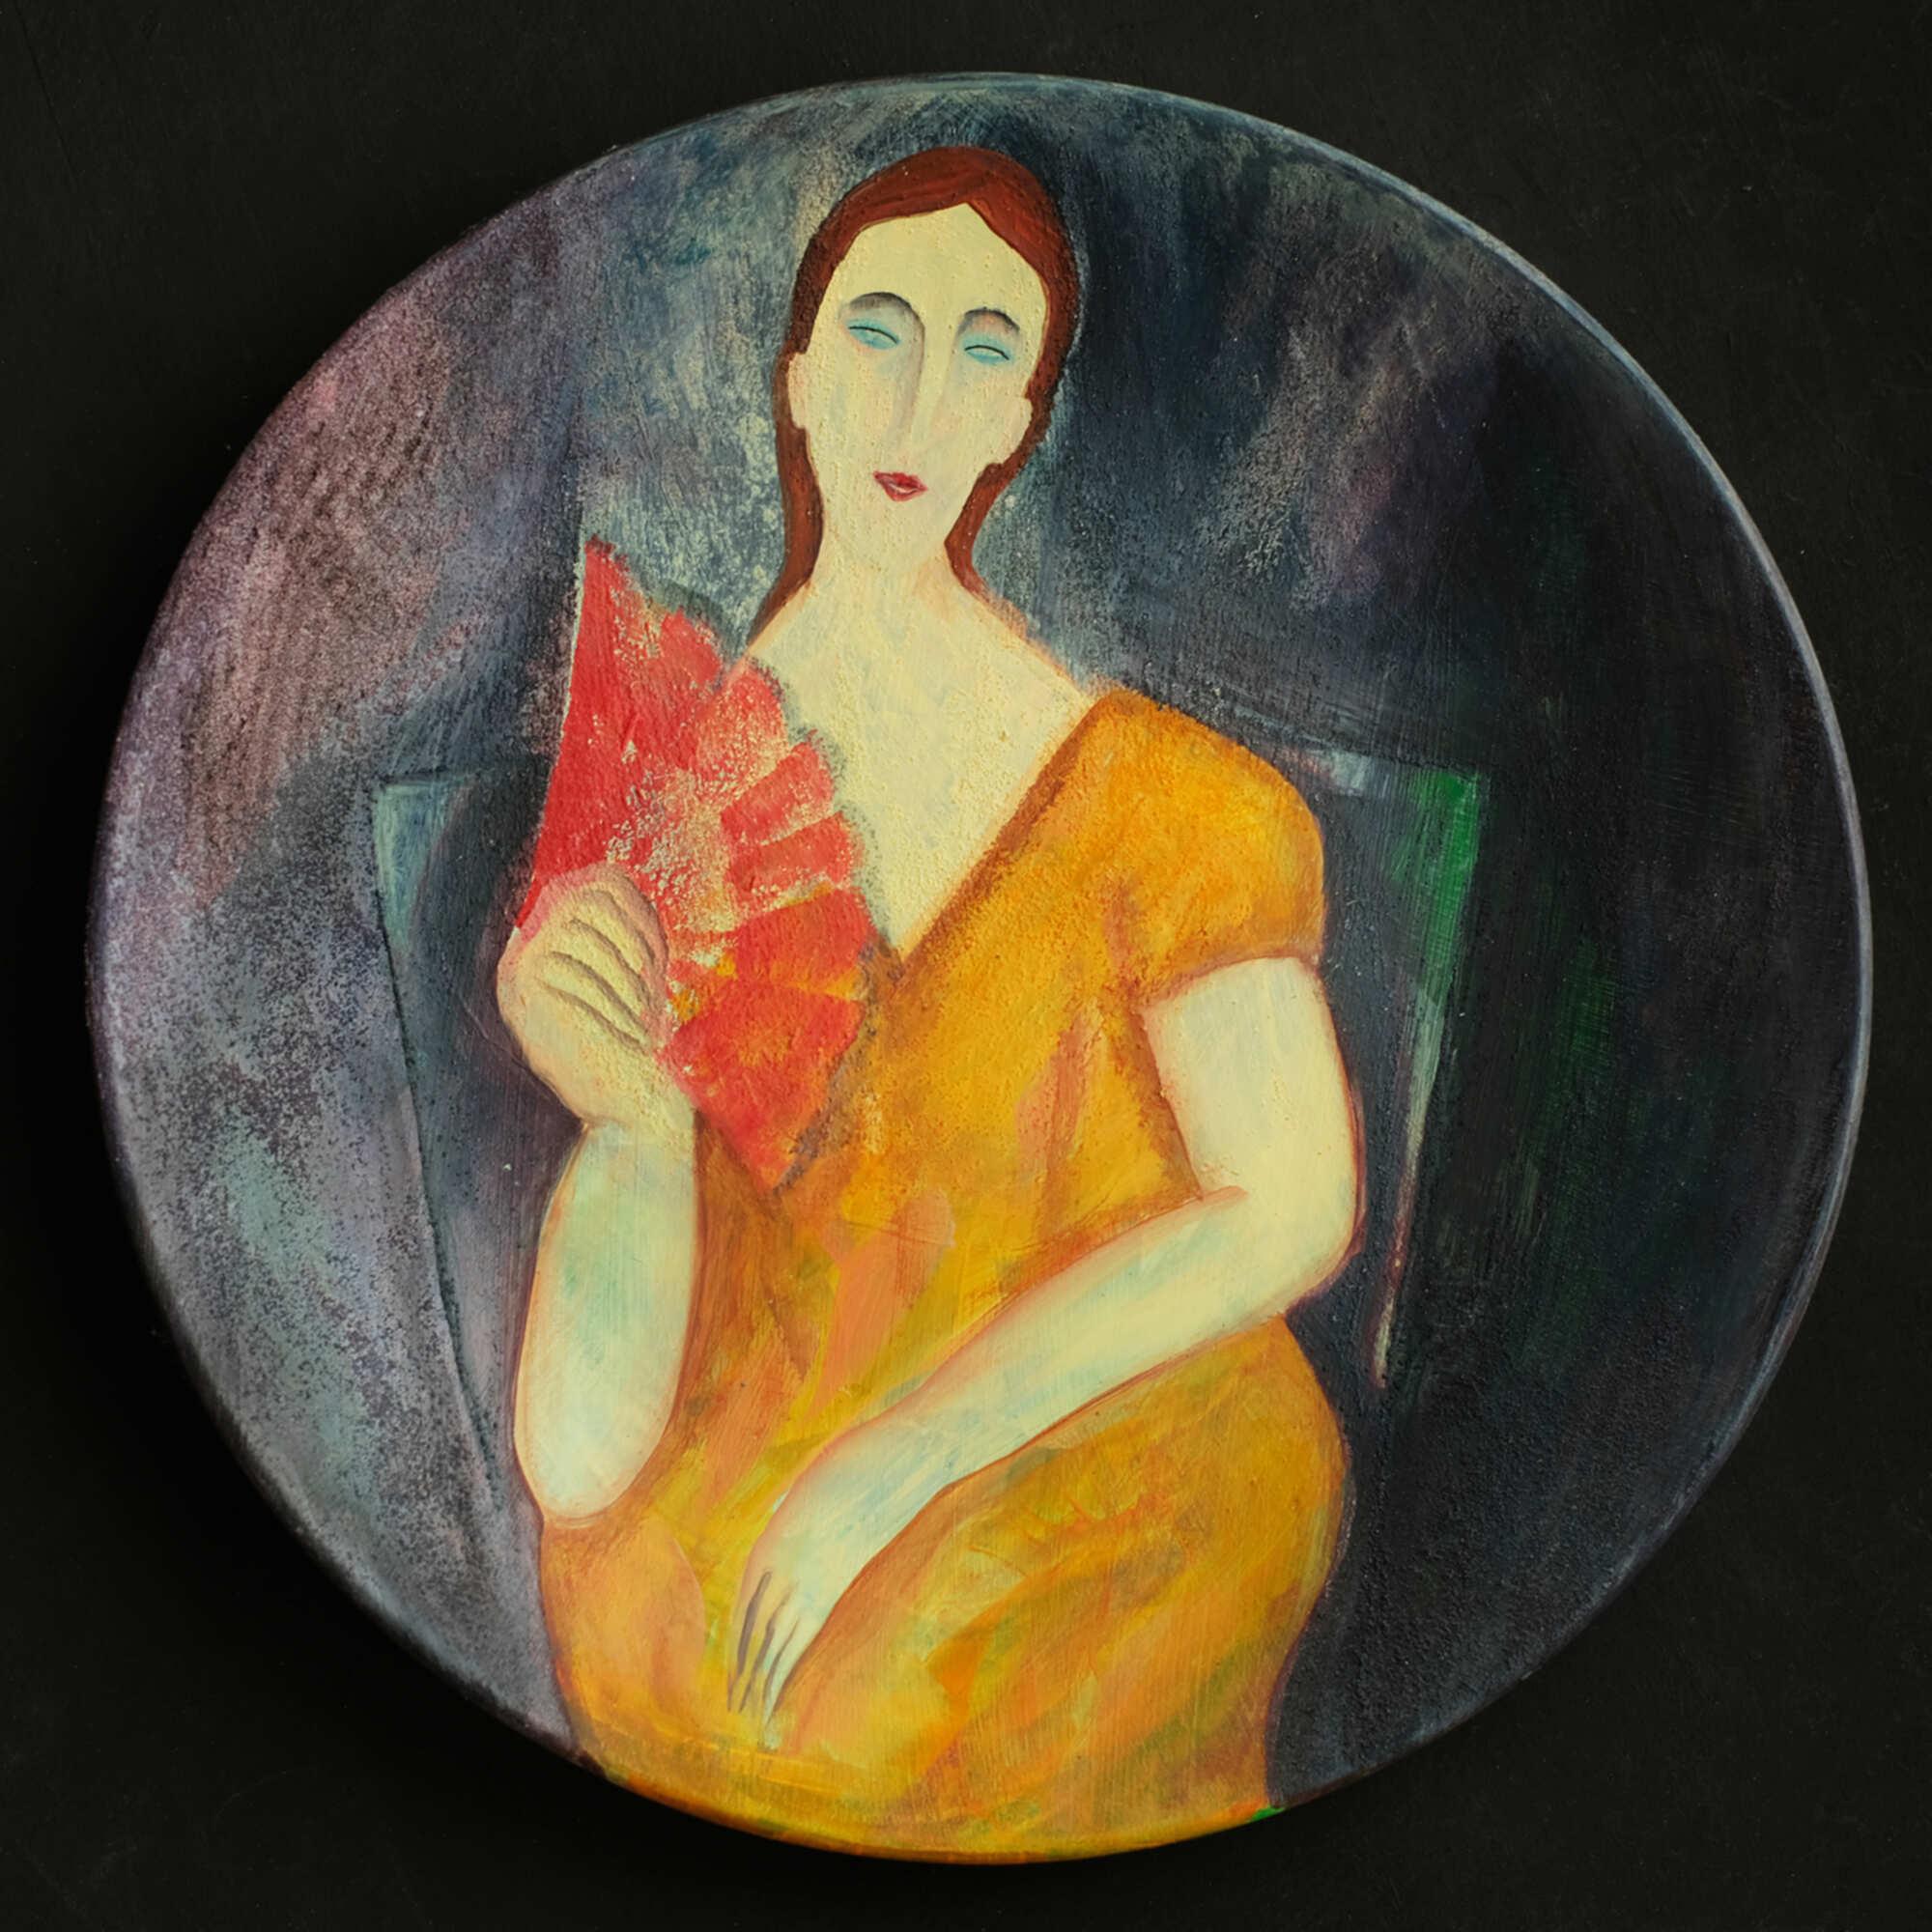 Декоративная тарелка по мотивам работ А. Модильяни